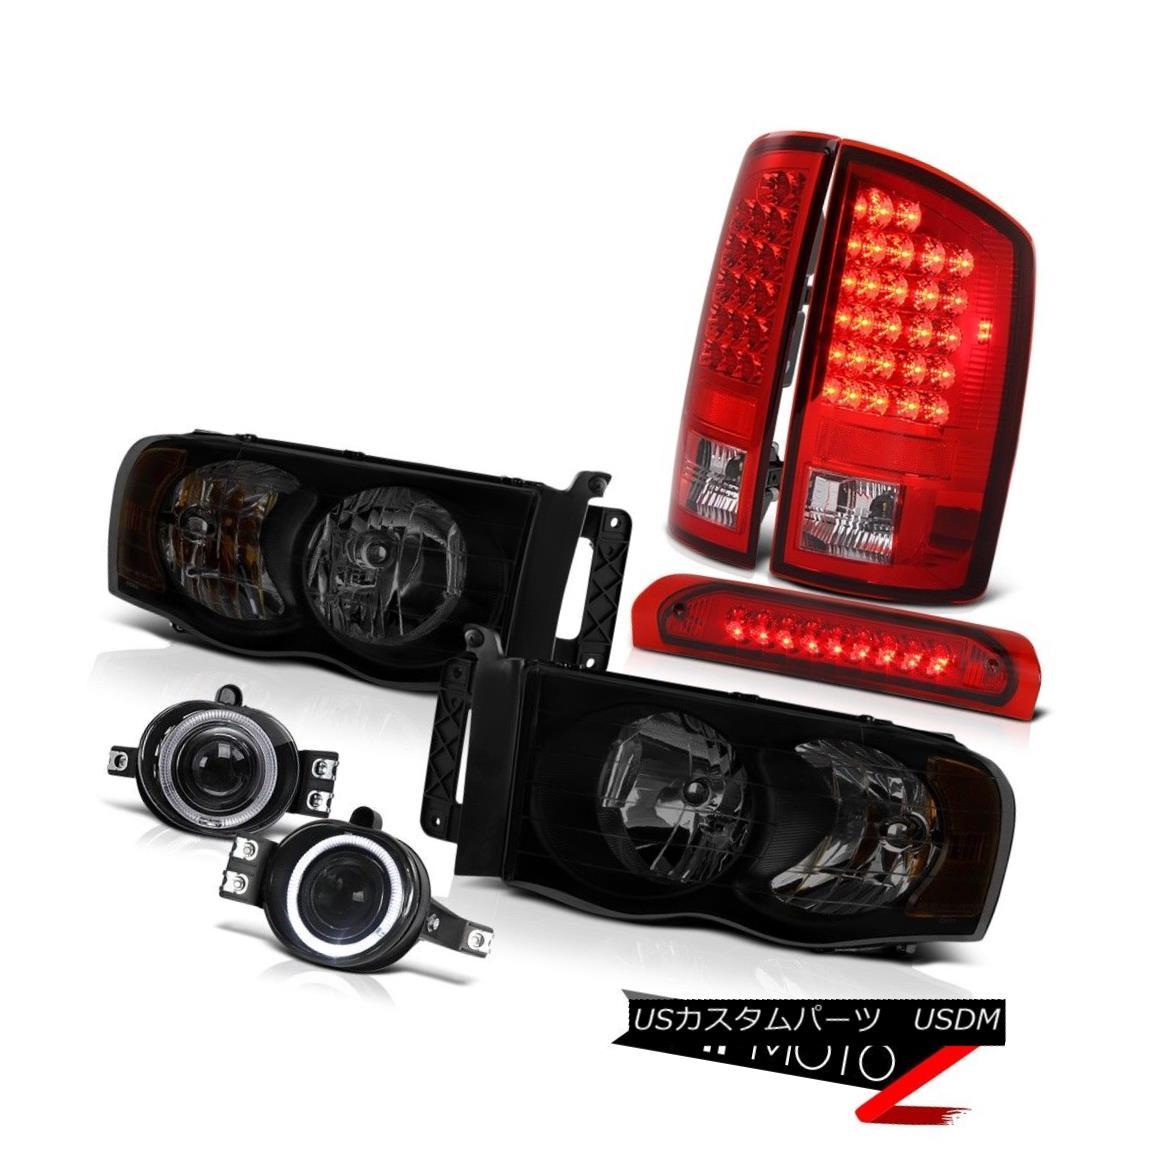 テールライト 2002-2005 Dodge Ram 1500 3.7L Headlamps Foglamps Red High Stop Lamp Tail Lamps 2002-2005 Dodge Ram 1500 3.7Lヘッドライトフォグランプ赤色ハイストップランプテールランプ